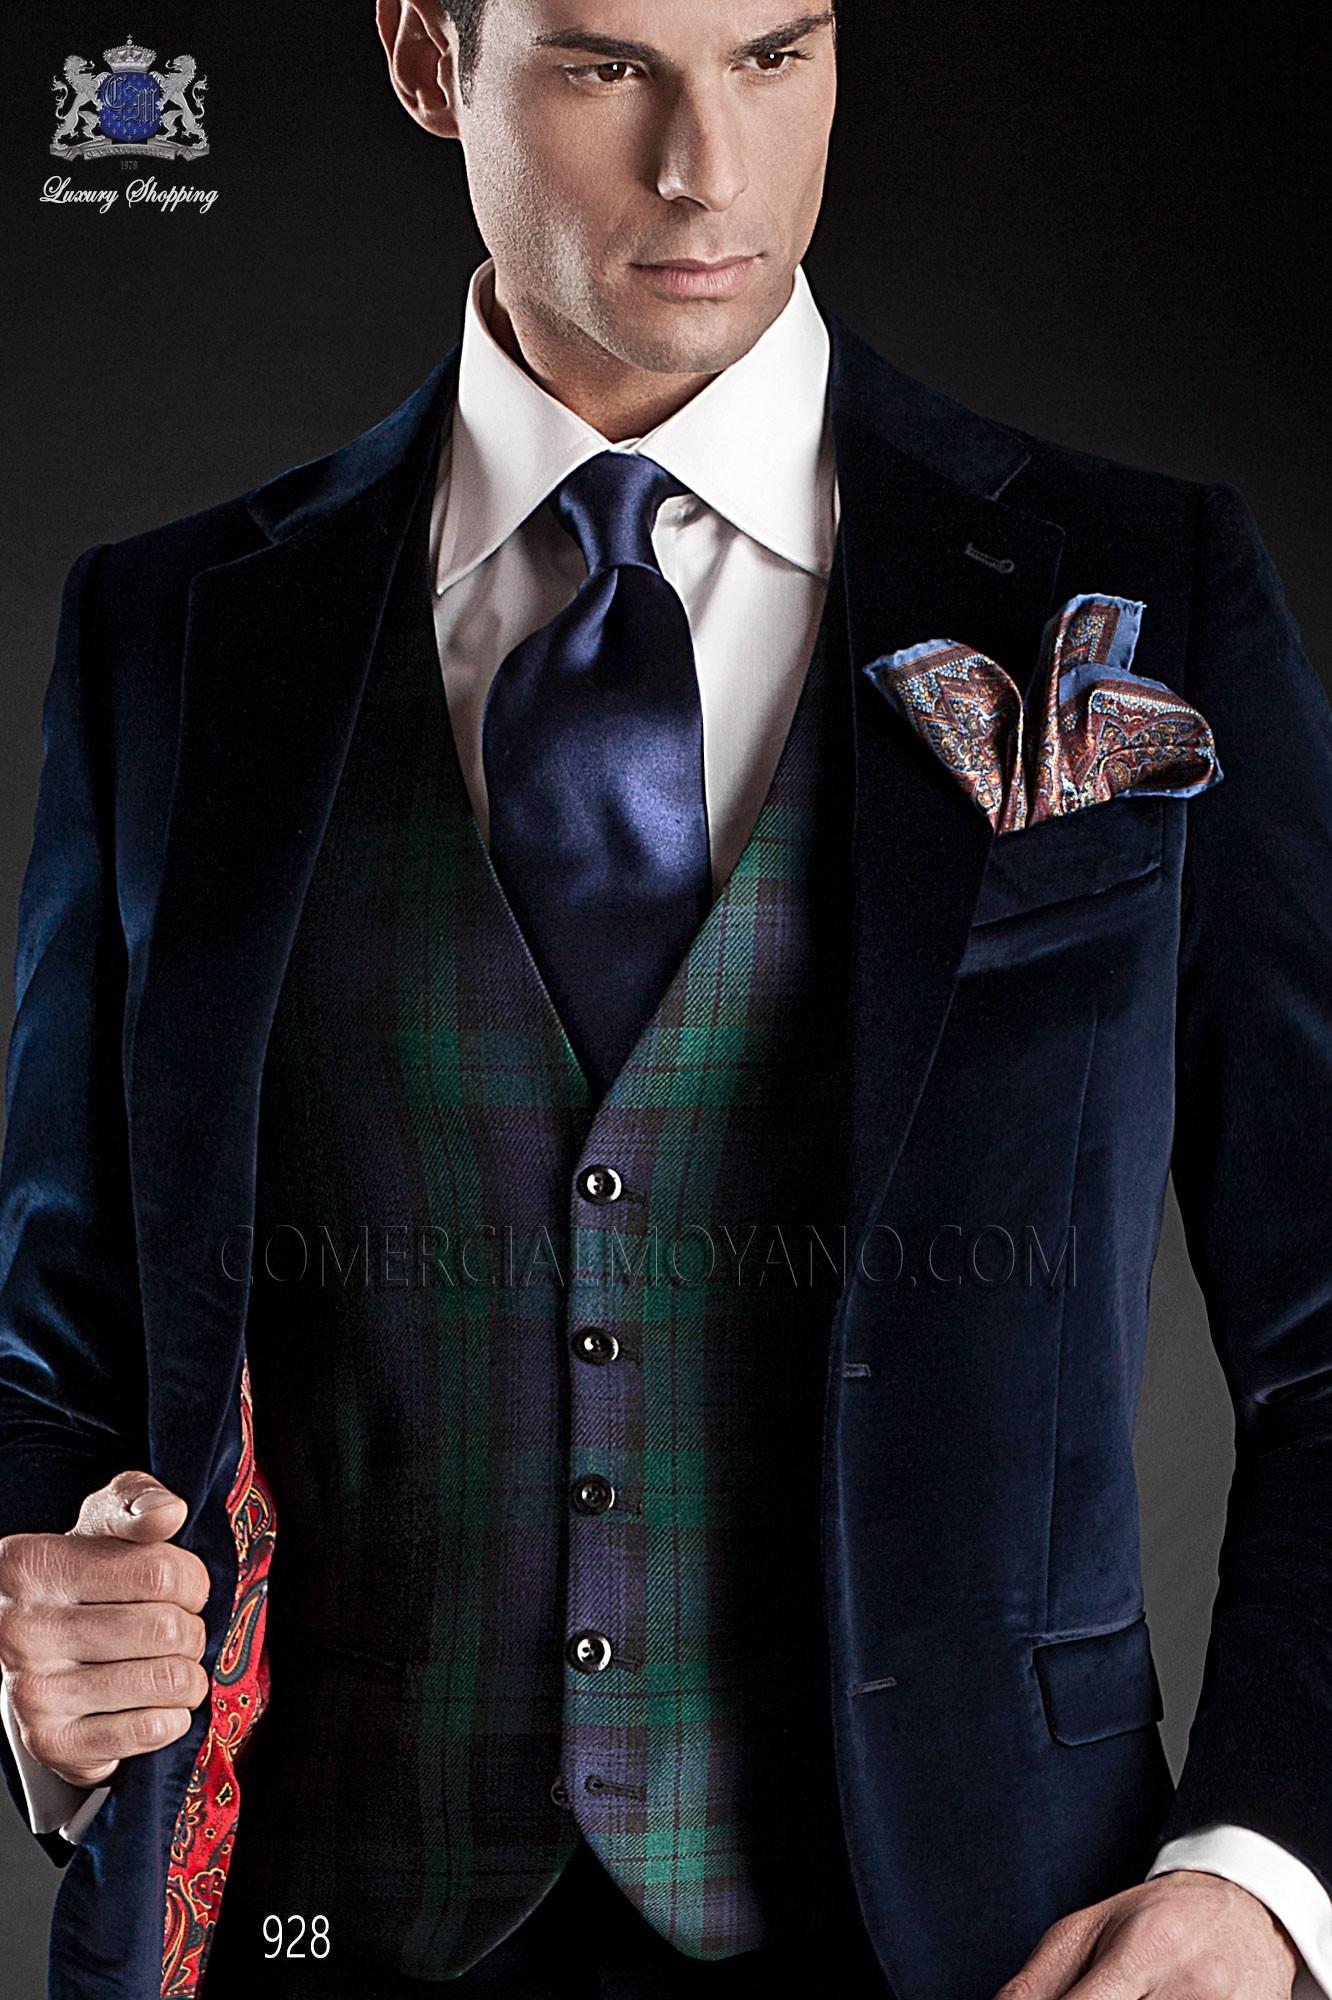 Italian blacktie blue men wedding suit, model: 928 Ottavio Nuccio Gala Black Tie Collection